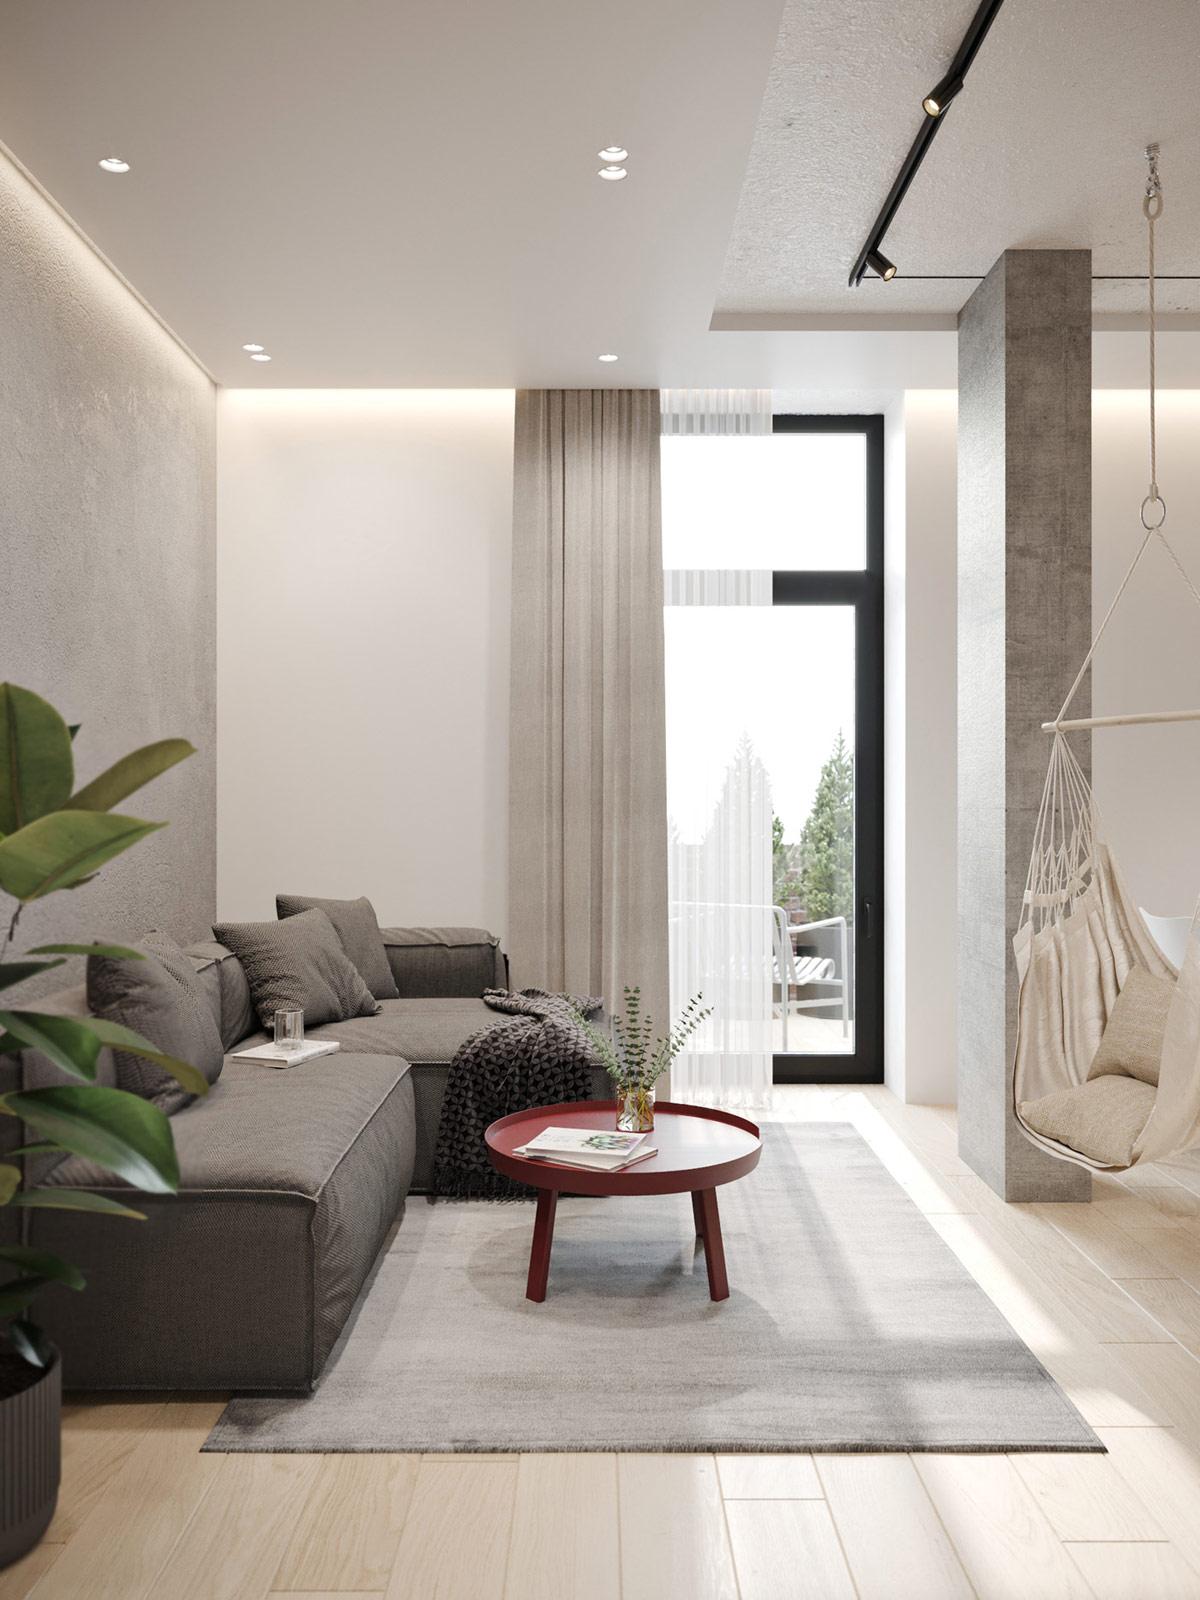 Décoration : Petits espaces aux accents de couleur exclusifs